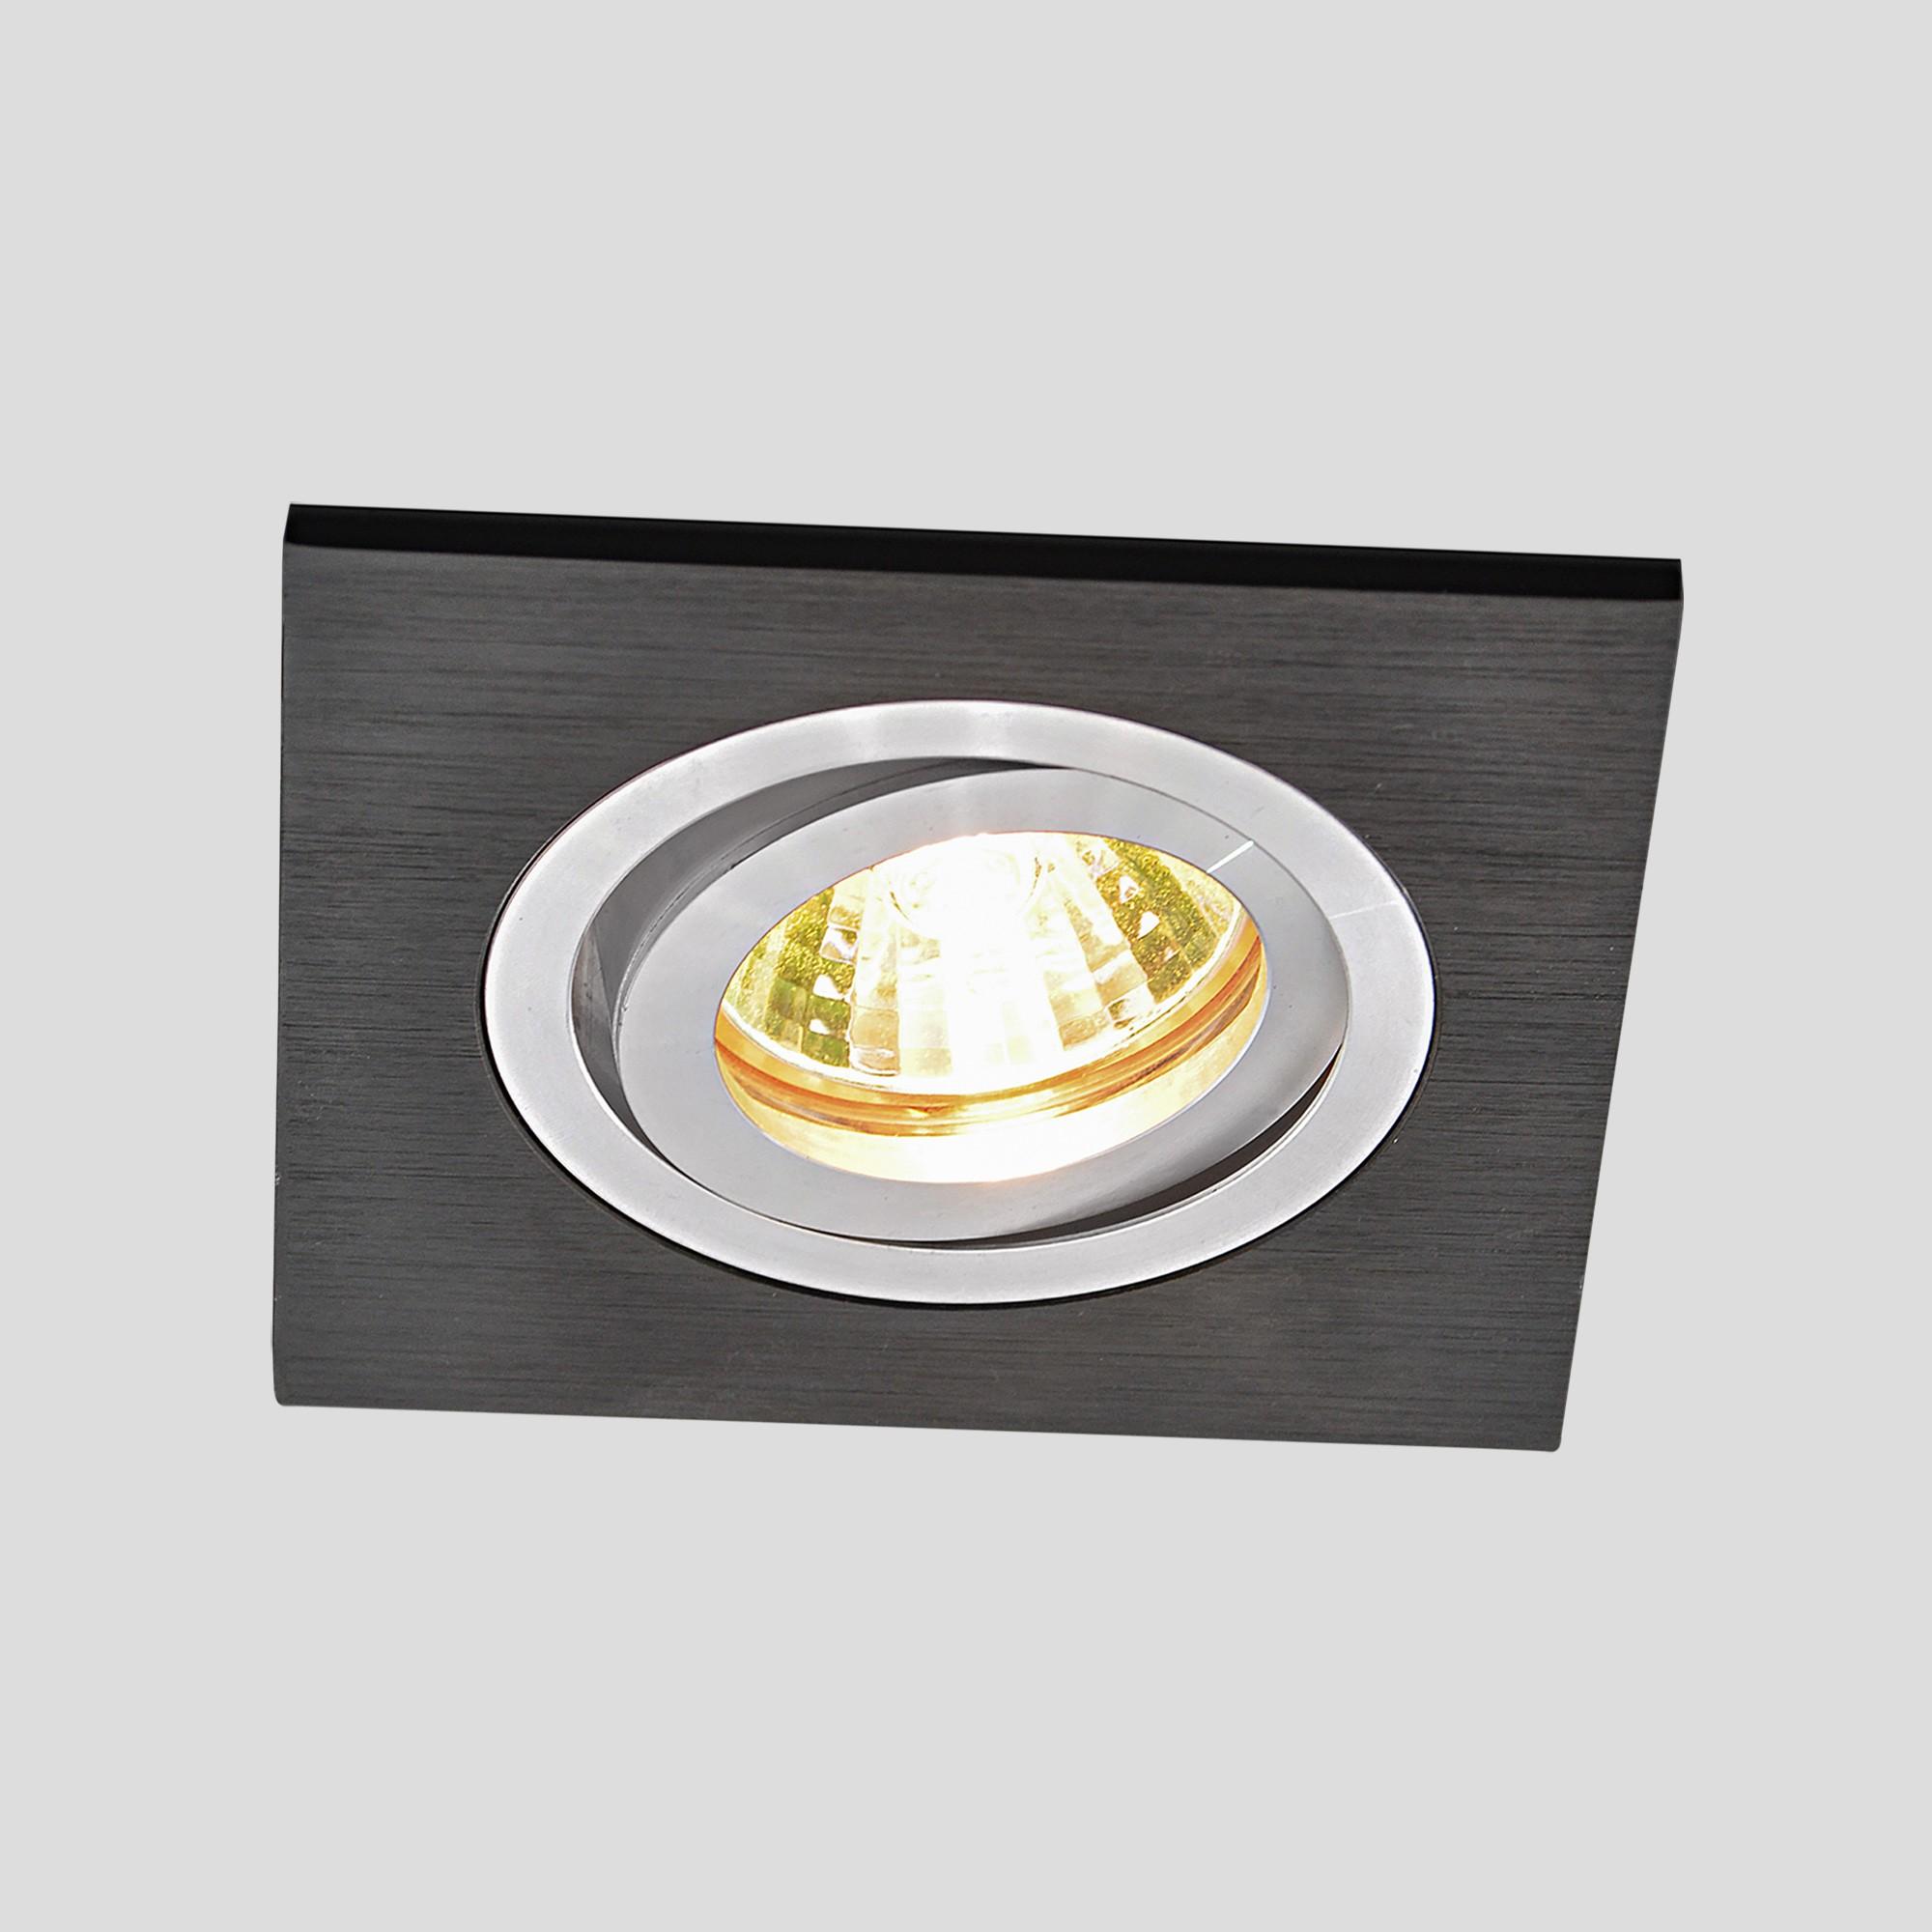 Фото Встраиваемый светильник Elektrostandard 1051 a035241